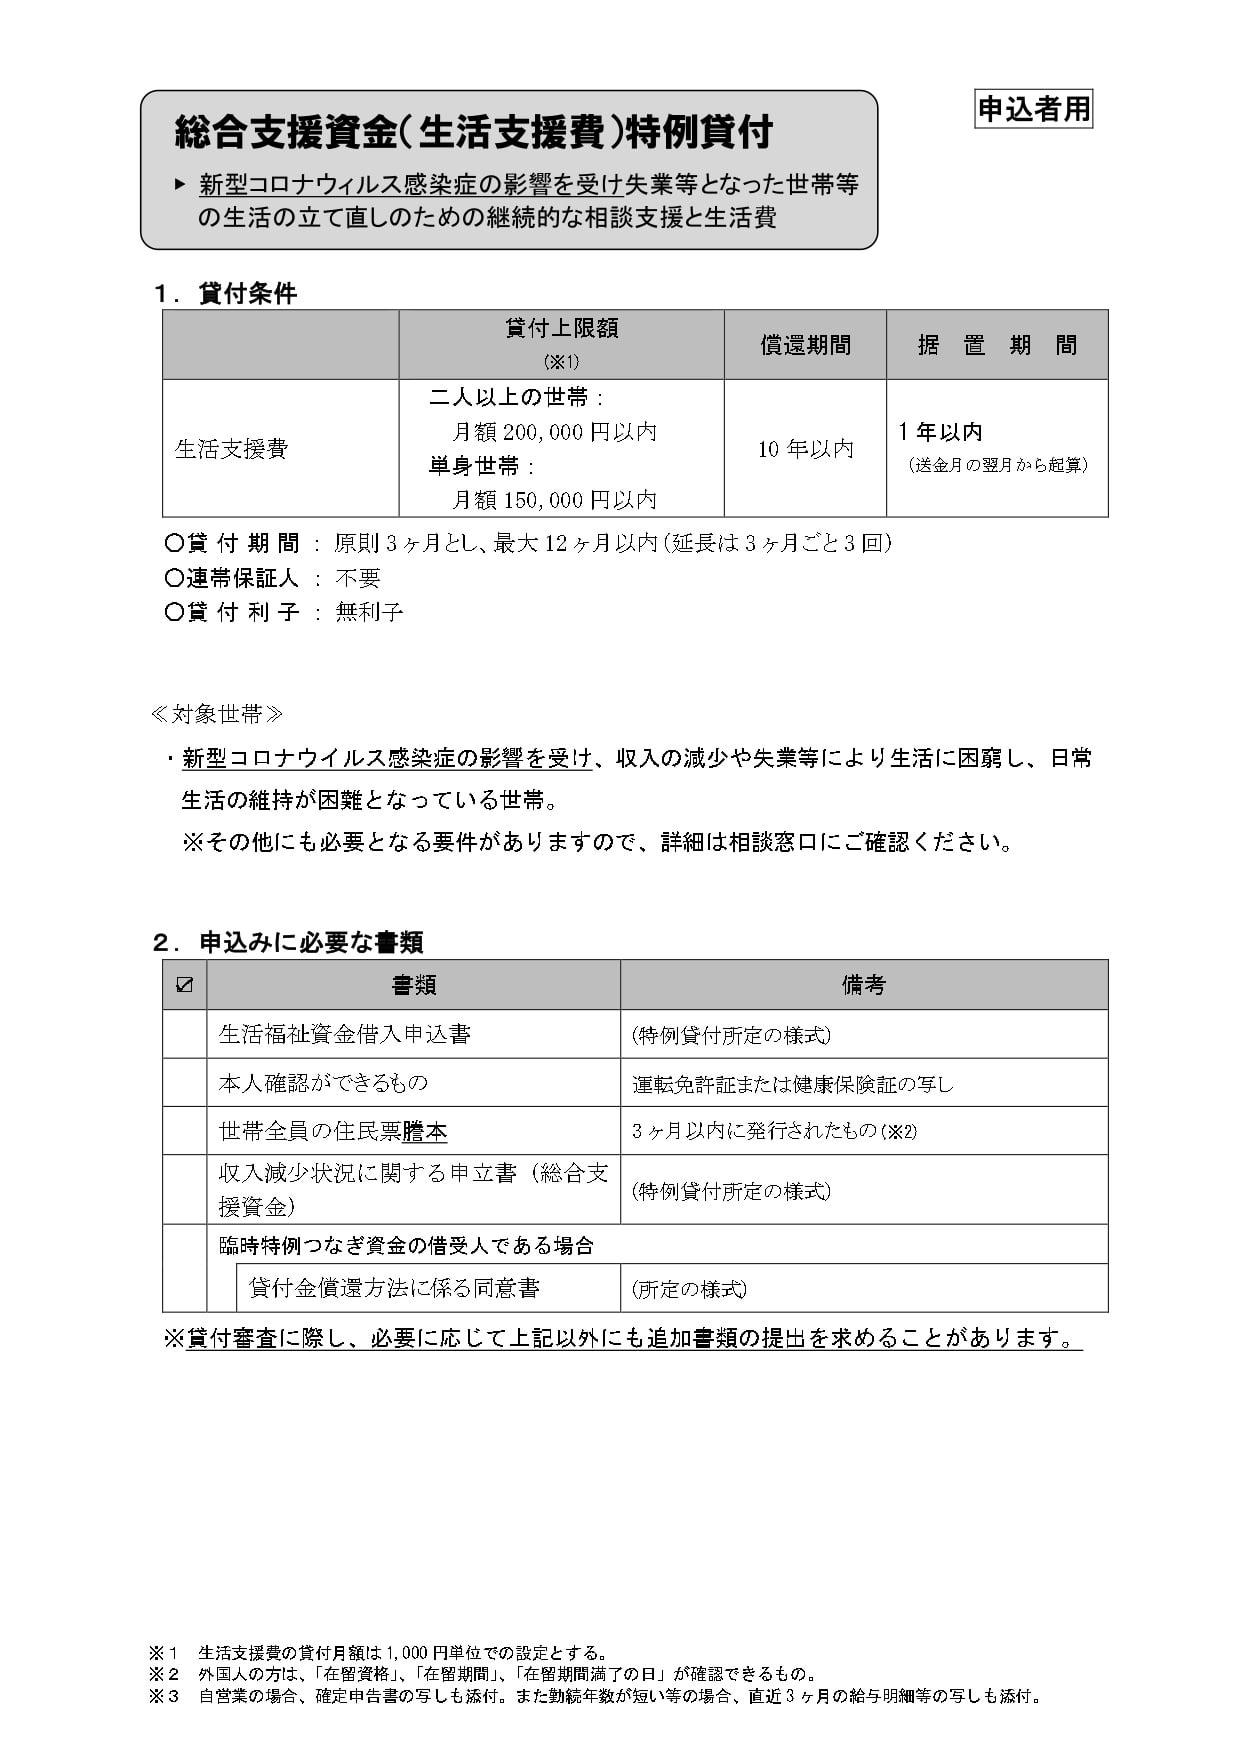 協議 社会 貸付 延長 会 福祉